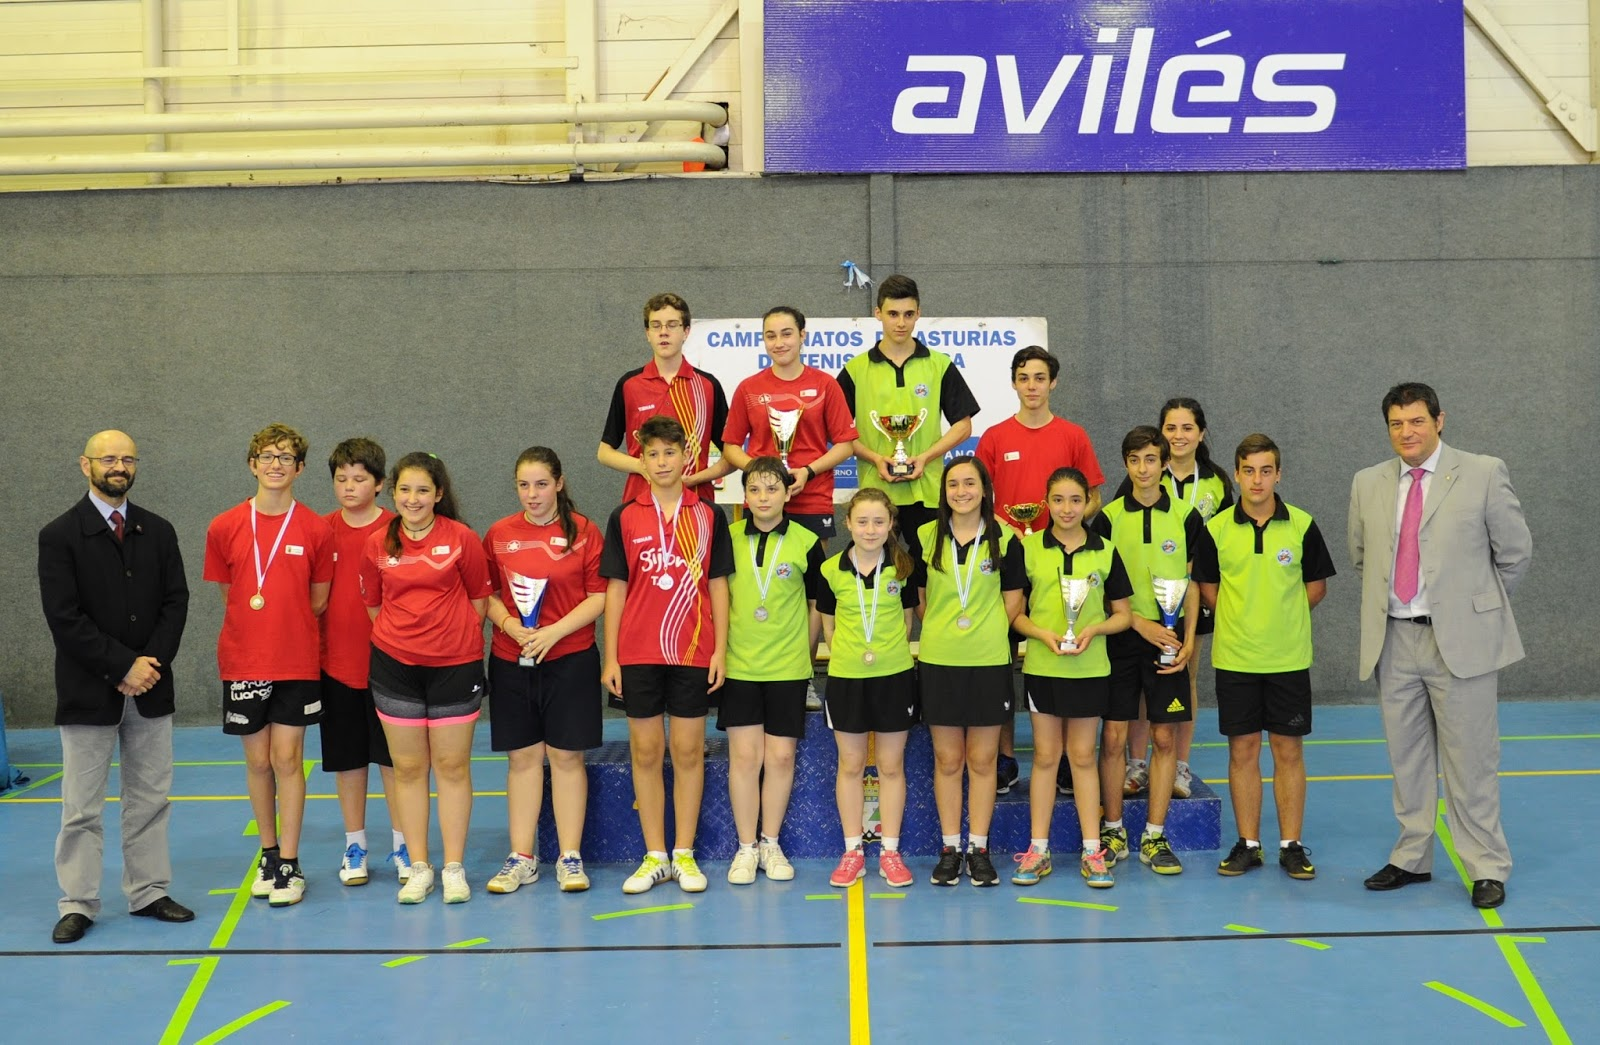 Avil s tenis de mesa resultados de las competiciones del - Aviles tenis de mesa ...